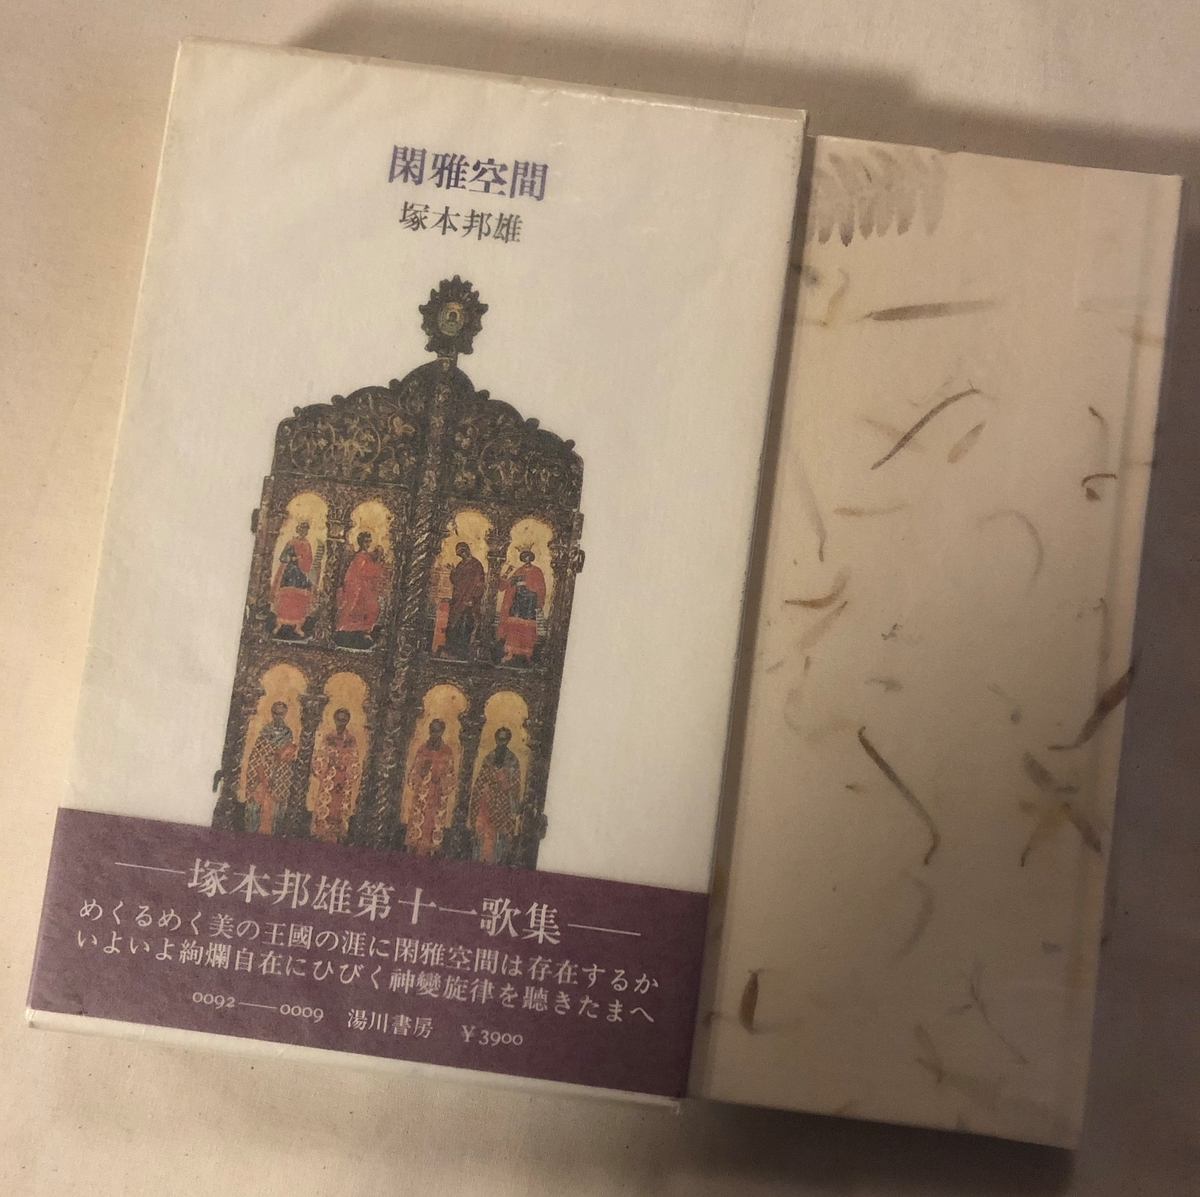 f:id:yomoyamayomoyama:20190412184902j:plain